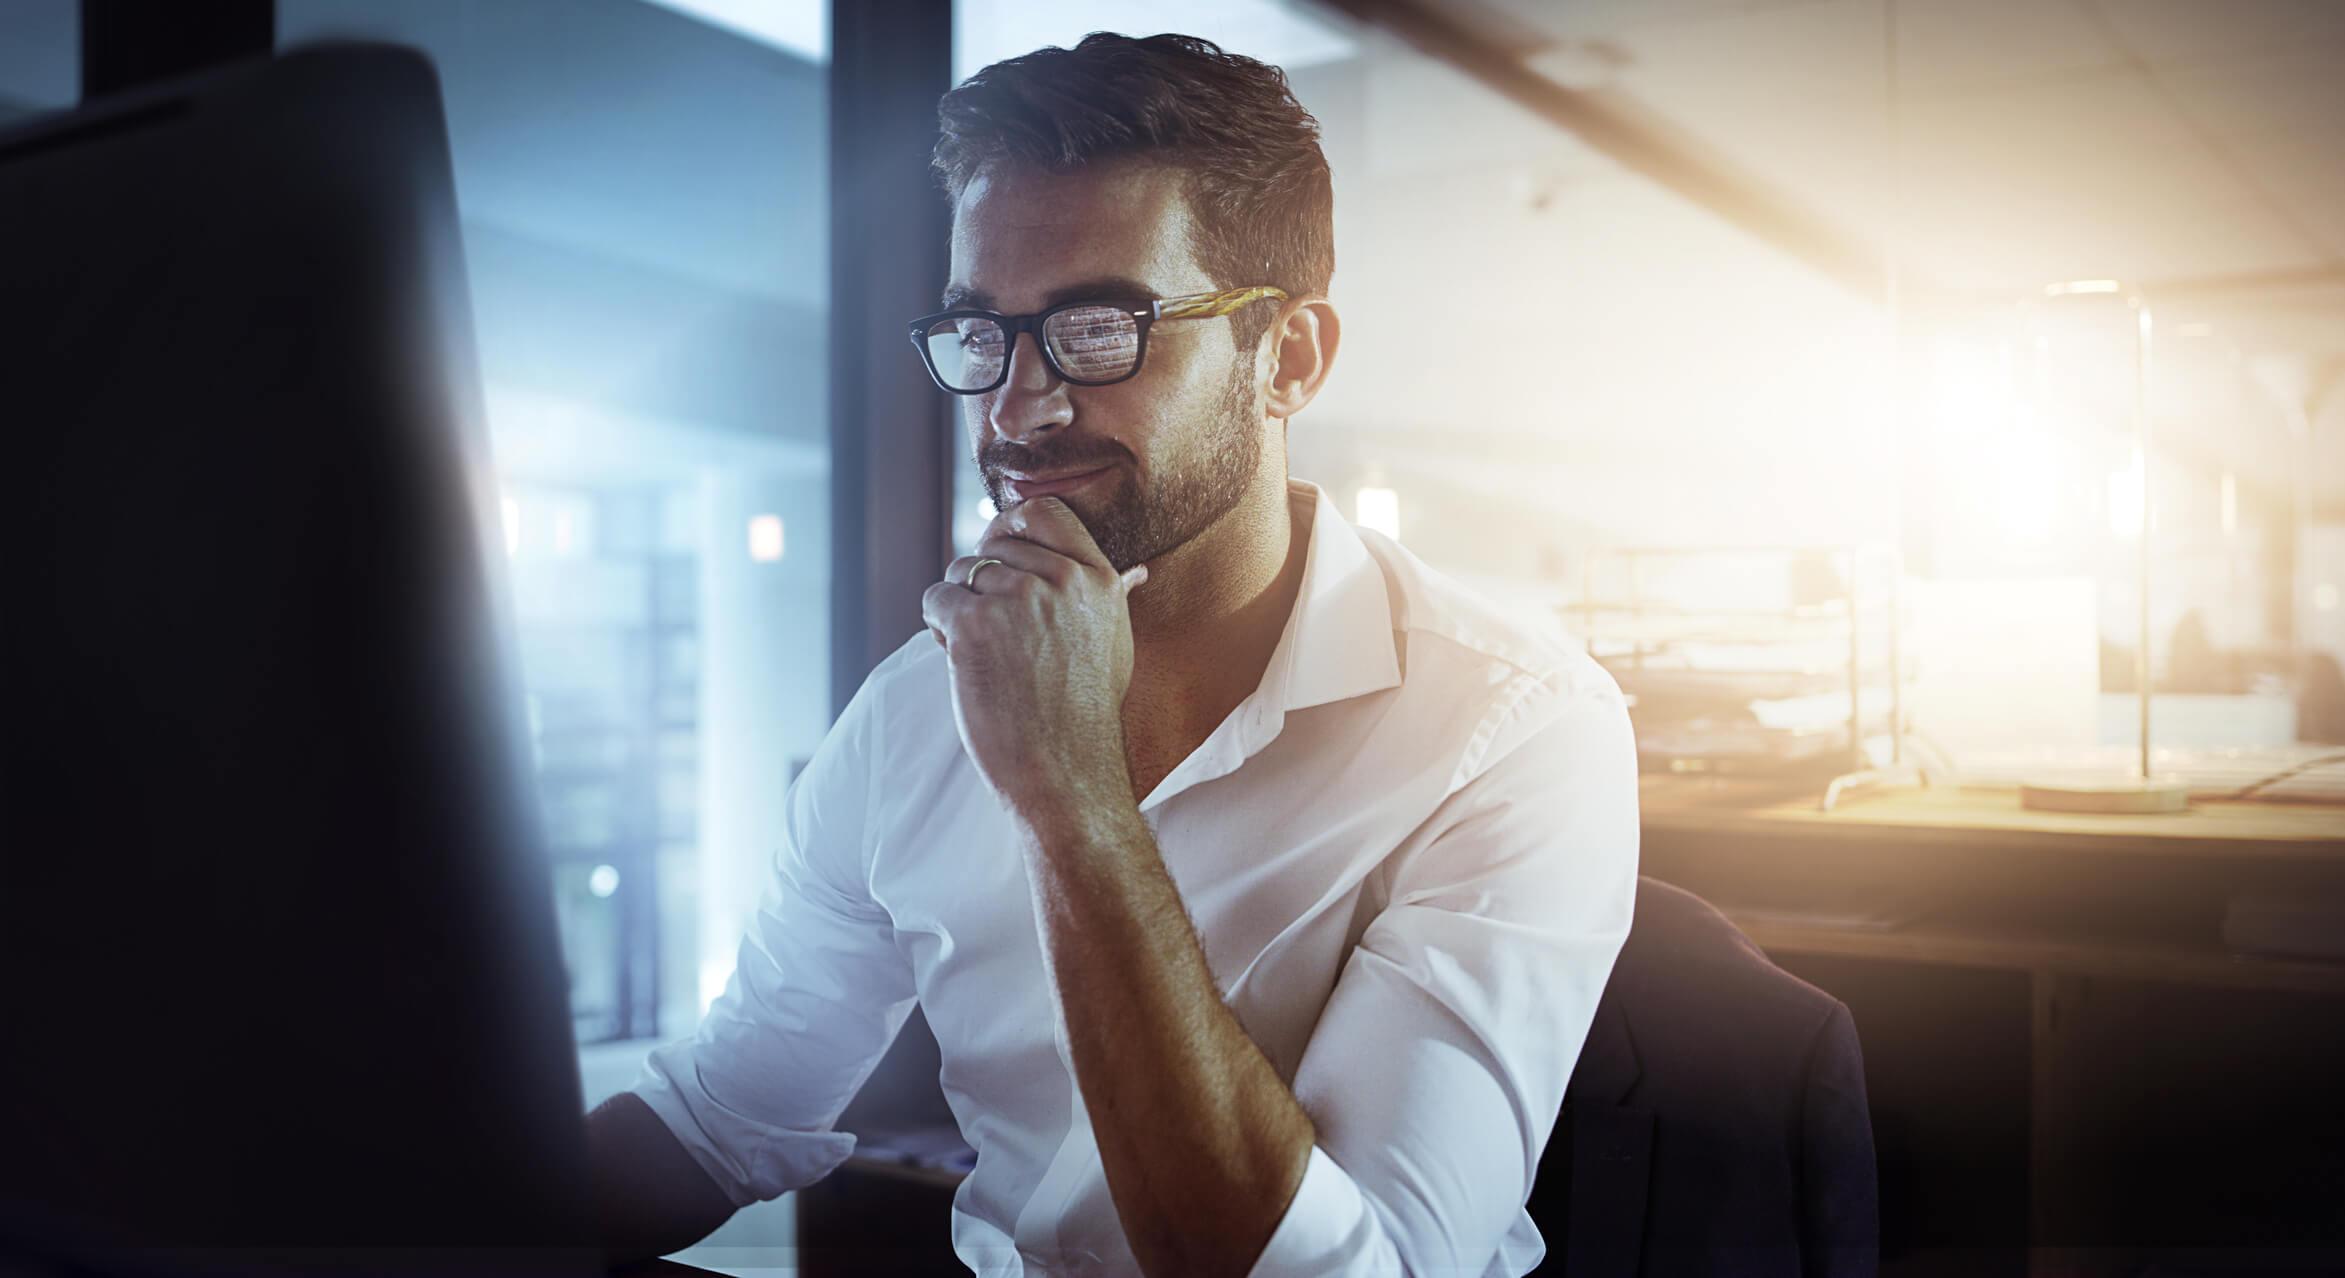 Presença digital: mantê-la é mais difícil do que conquistá-la?